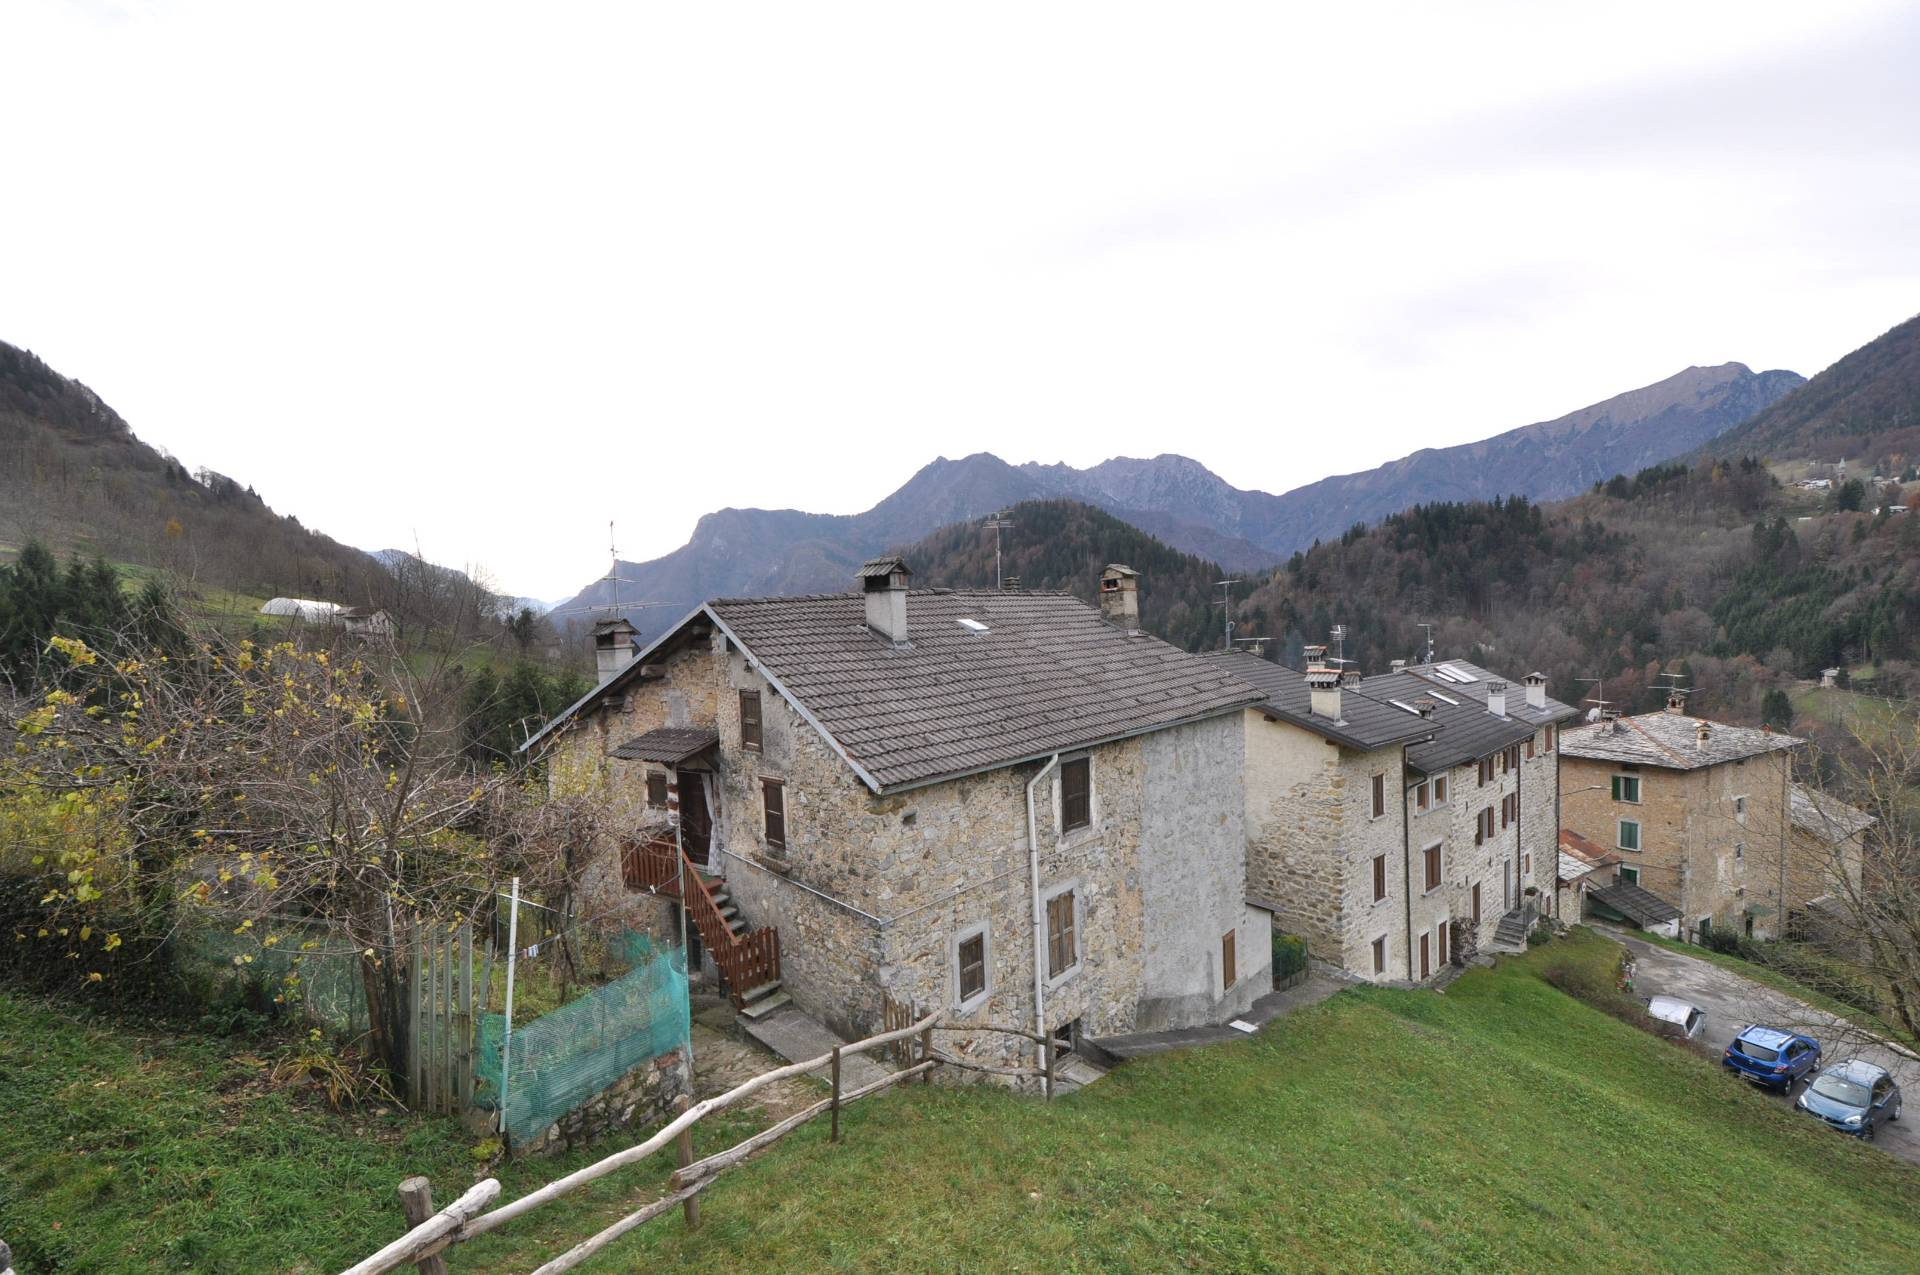 Appartamento in vendita a Averara, 3 locali, prezzo € 31.000 | Cambio Casa.it